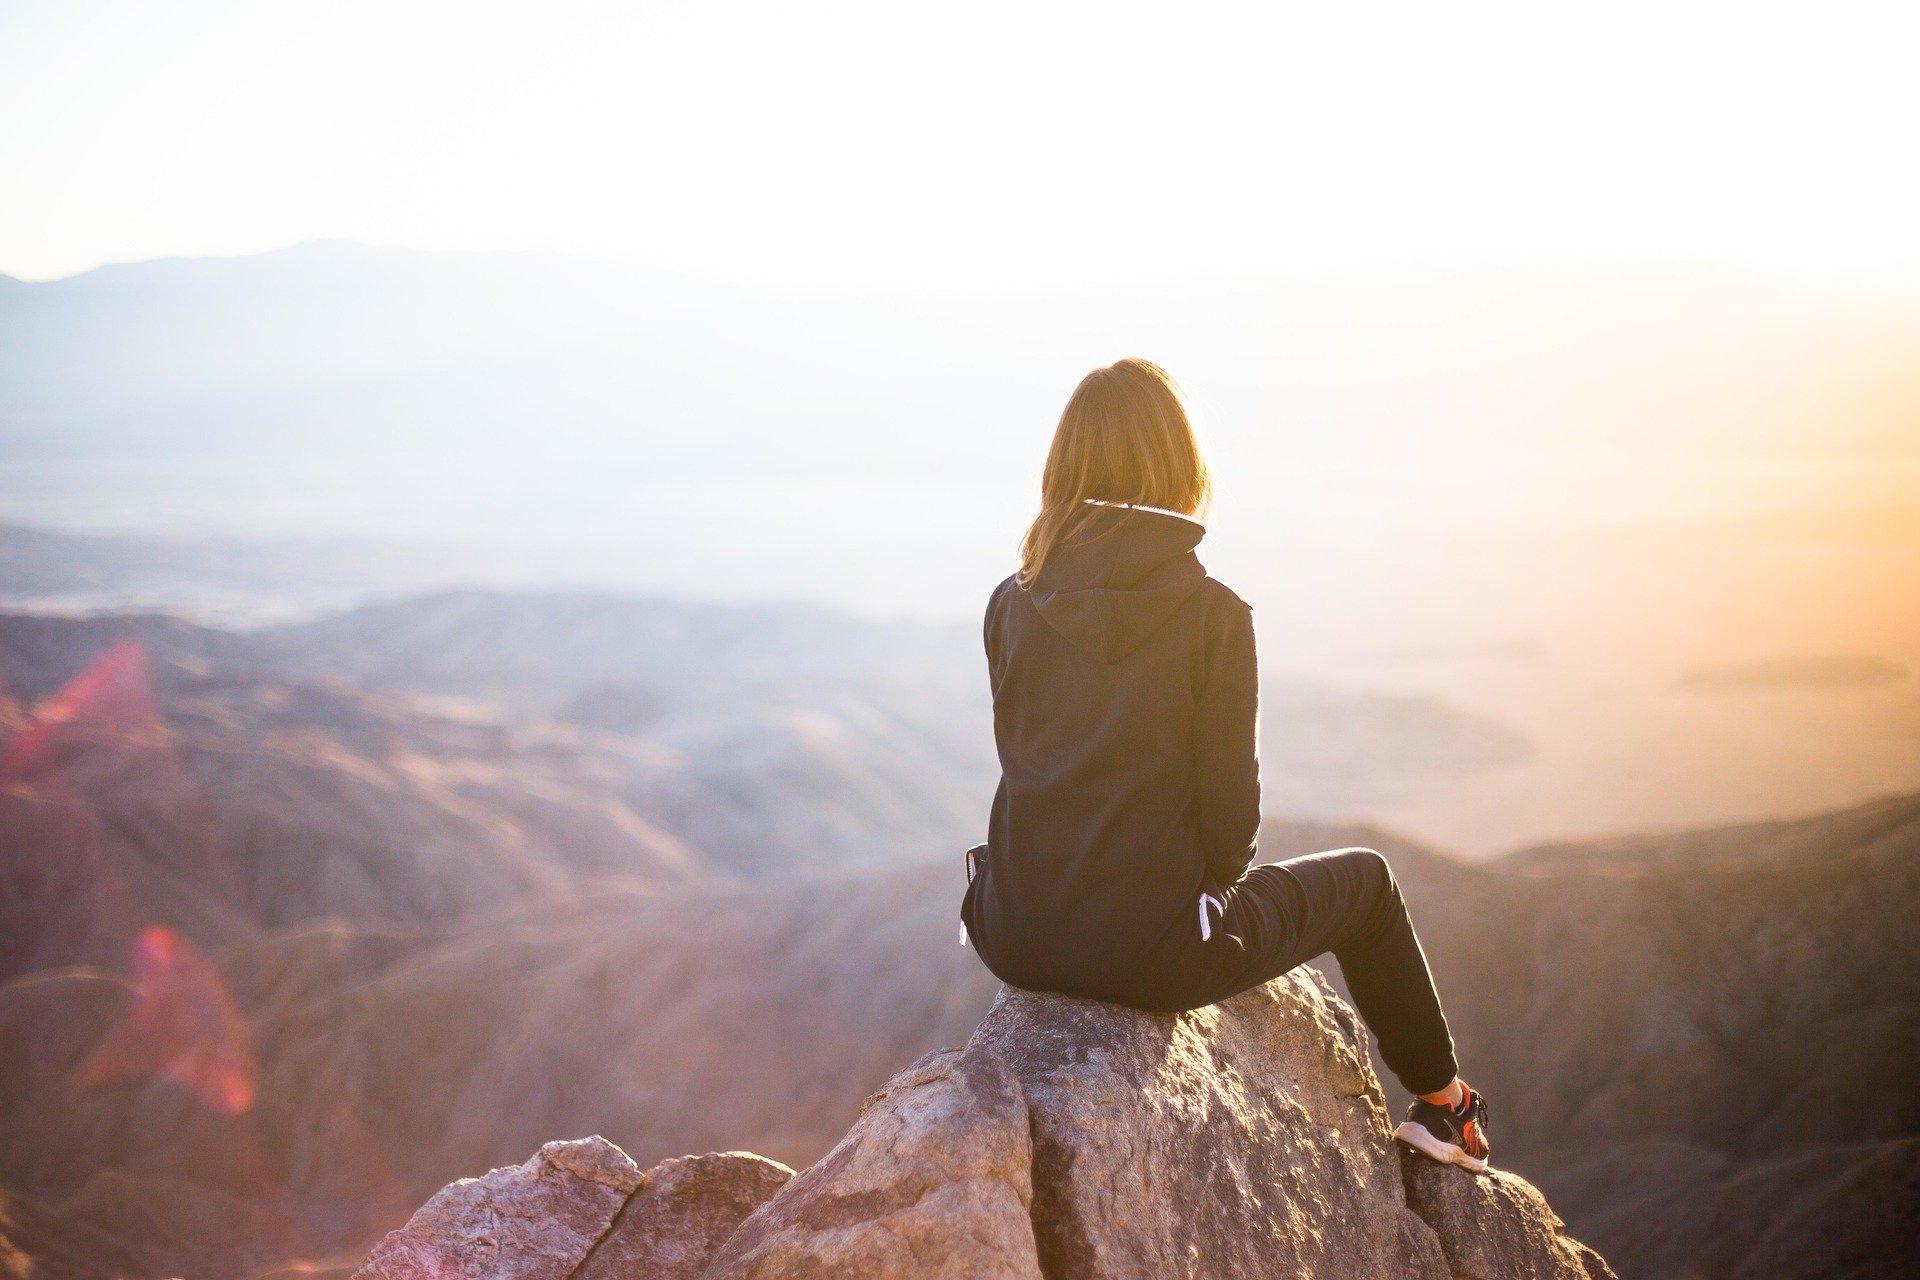 Frau auf Berg bei Sonnenuntergang